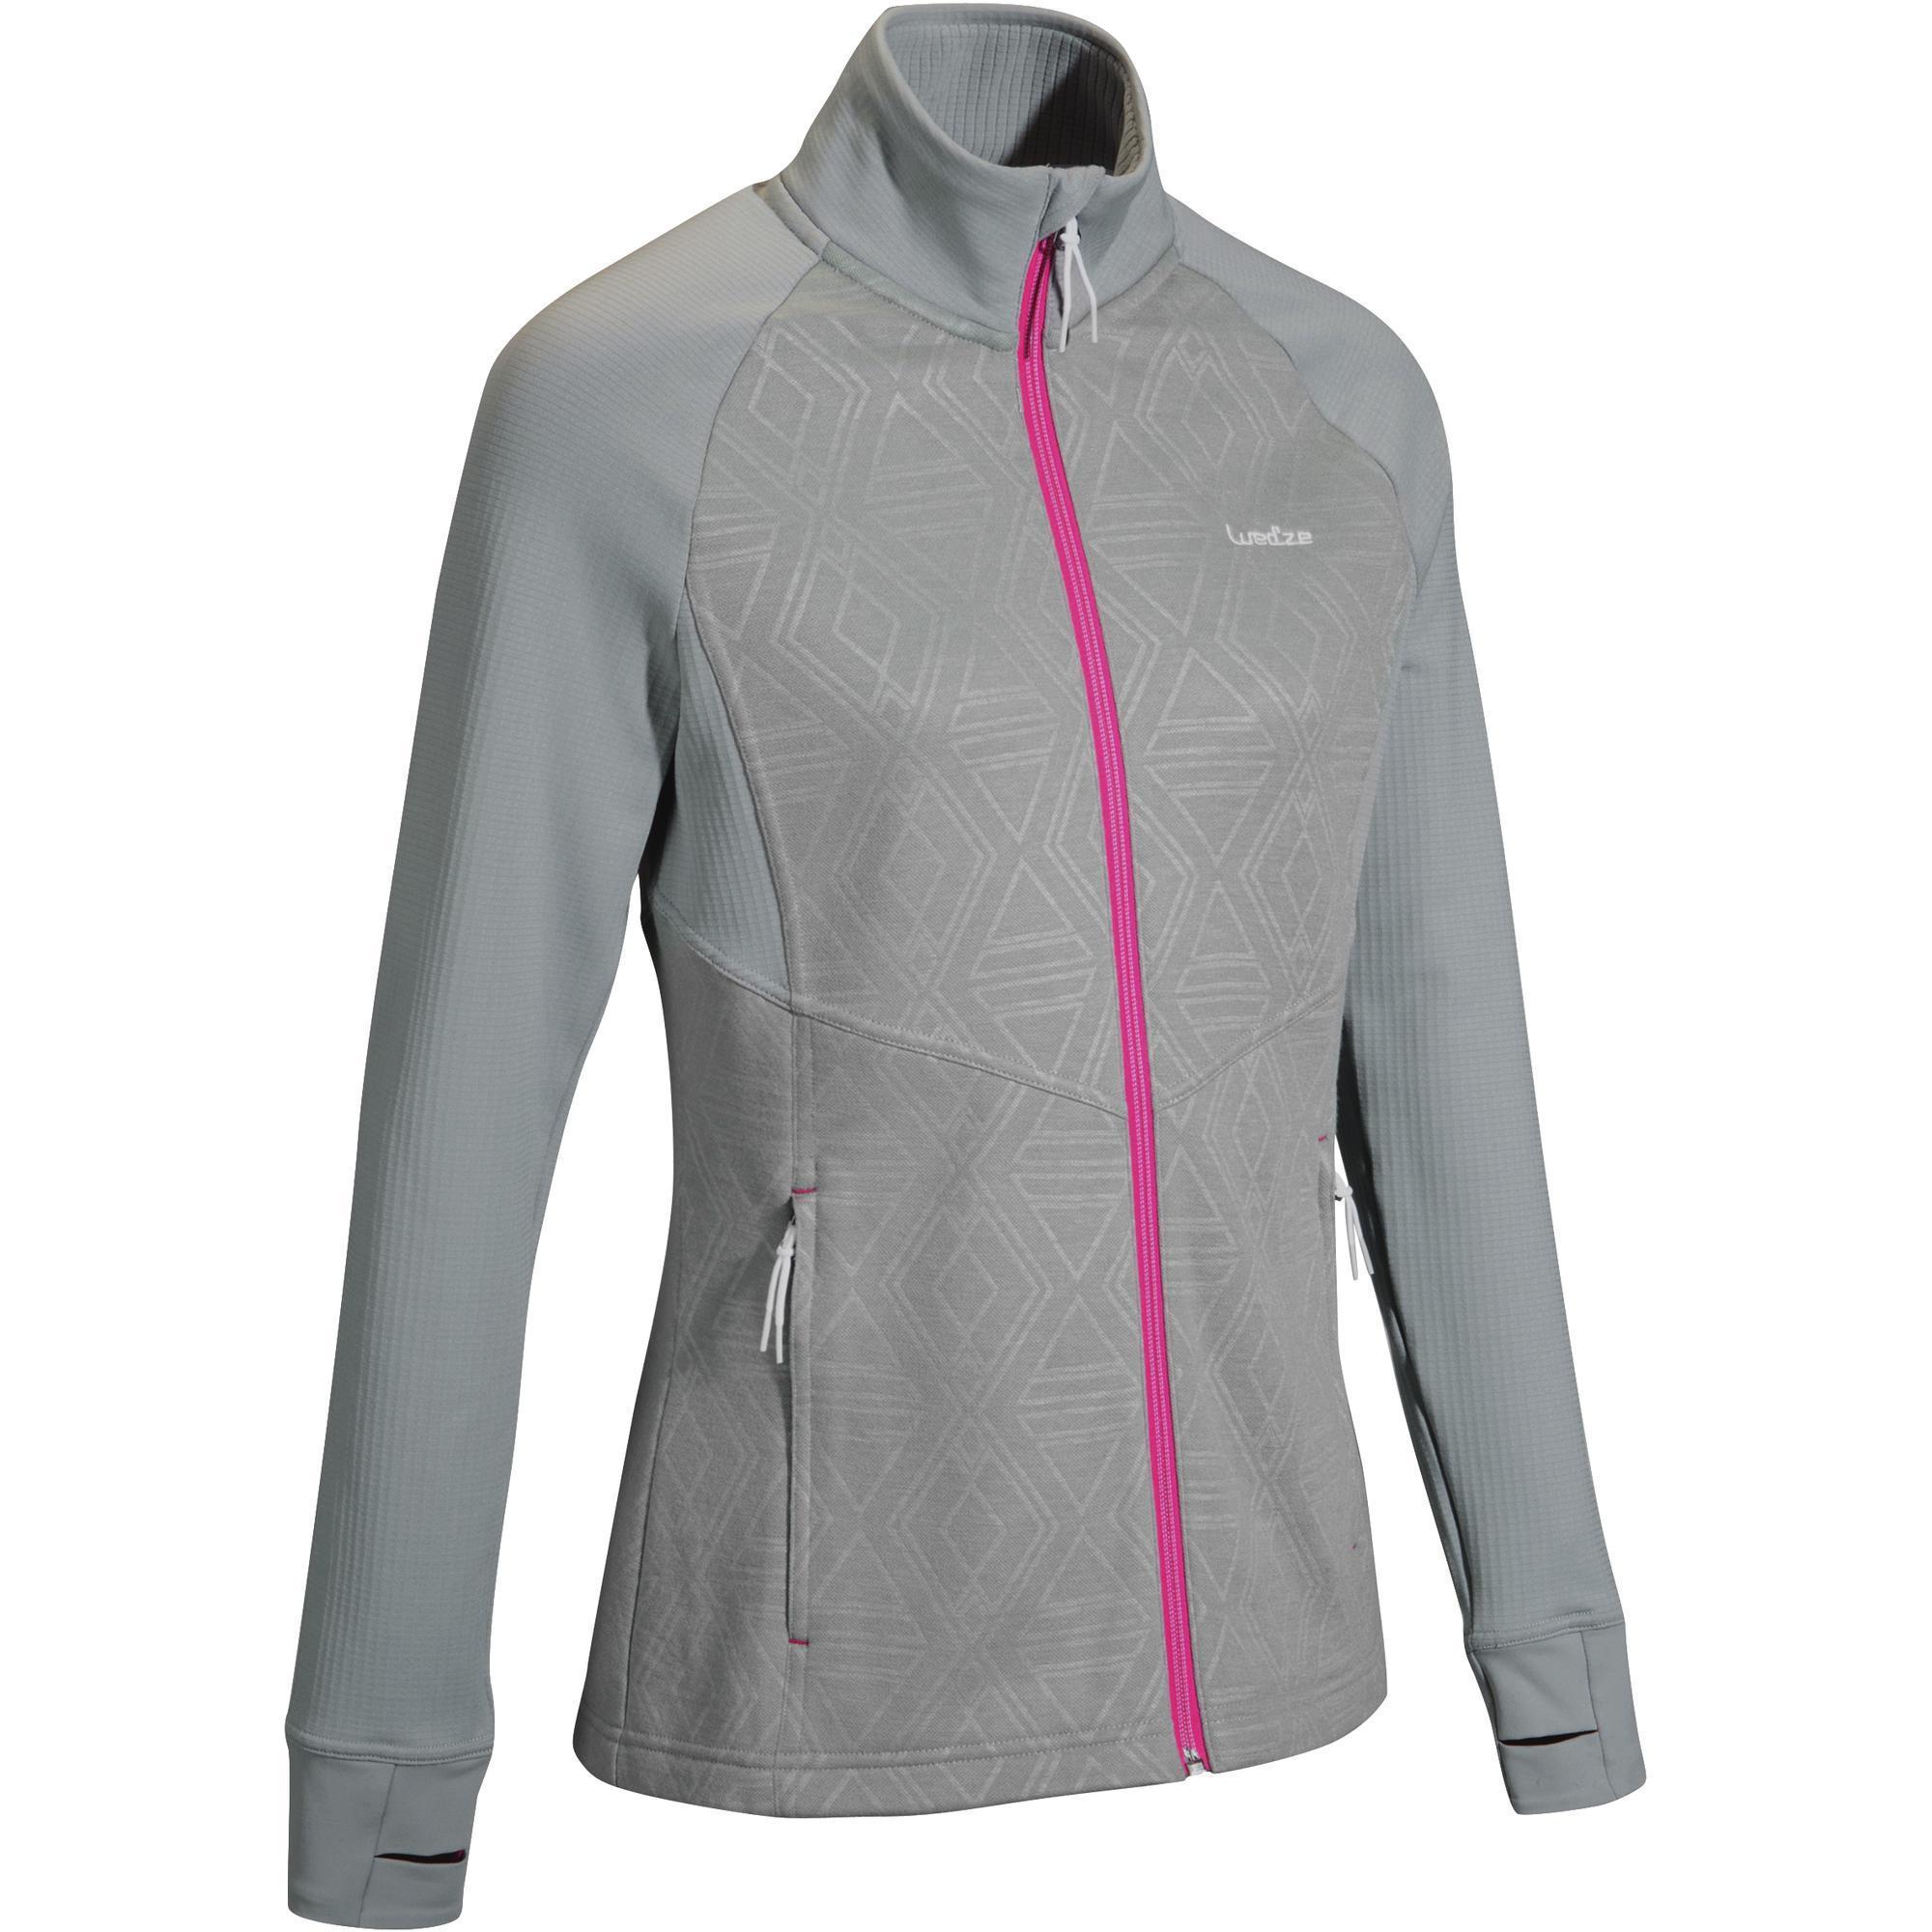 Damen Unterziehjacke Skiunterwäsche 500 Damen grau rosa | 03608449889674